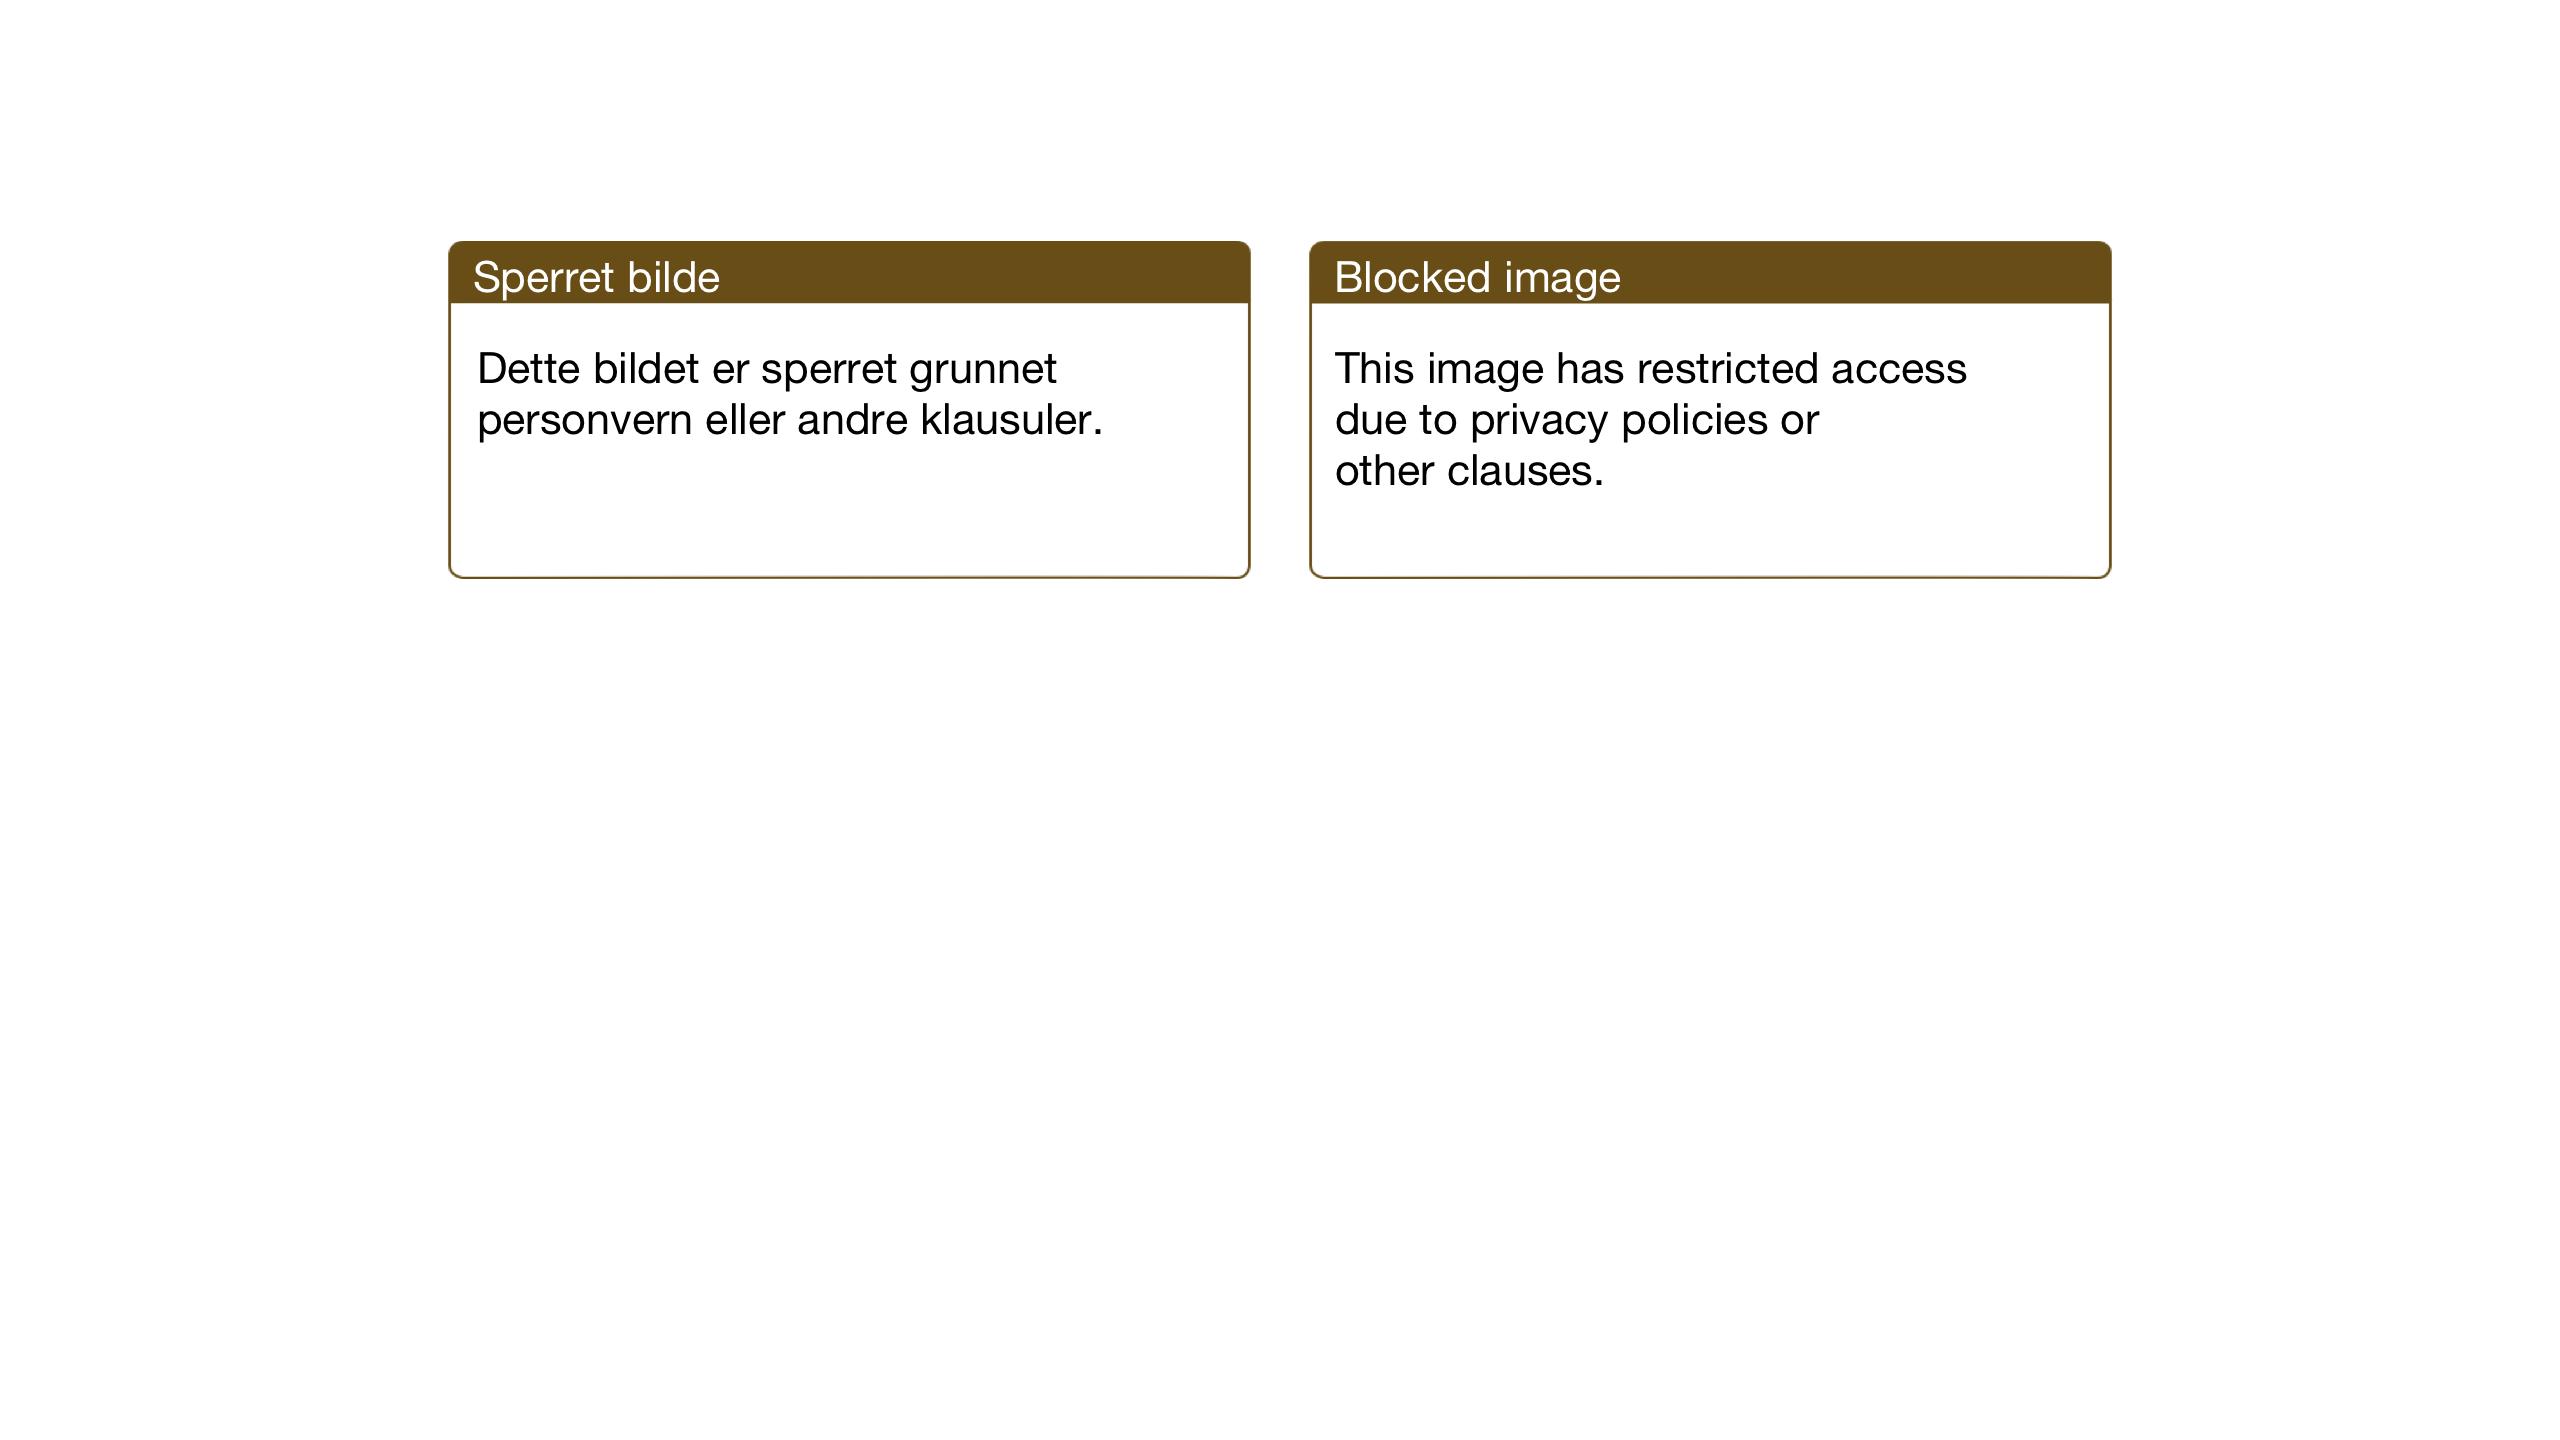 SAT, Ministerialprotokoller, klokkerbøker og fødselsregistre - Nord-Trøndelag, 773/L0625: Klokkerbok nr. 773C01, 1910-1952, s. 83